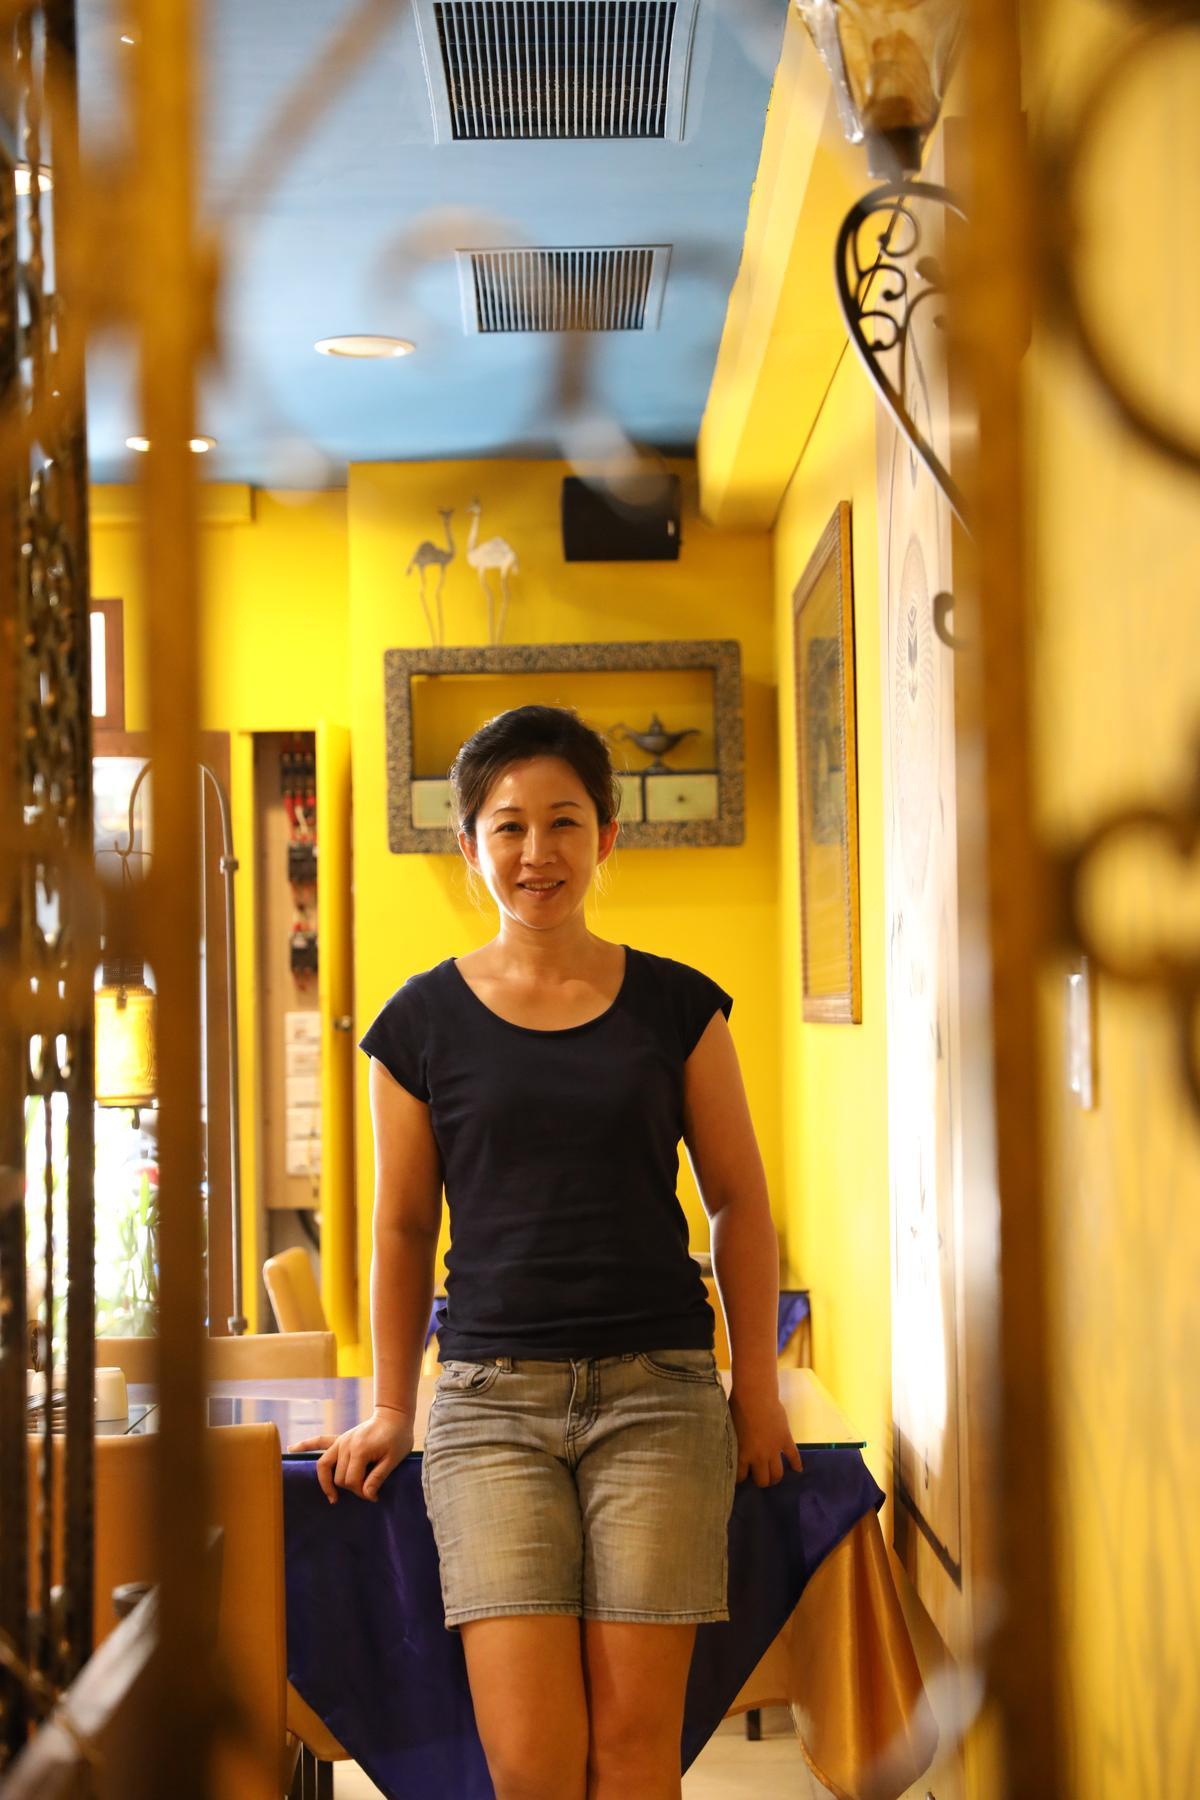 老闆娘李海蓉嫁來台灣多年,性格如寧夏菜般明快爽朗。